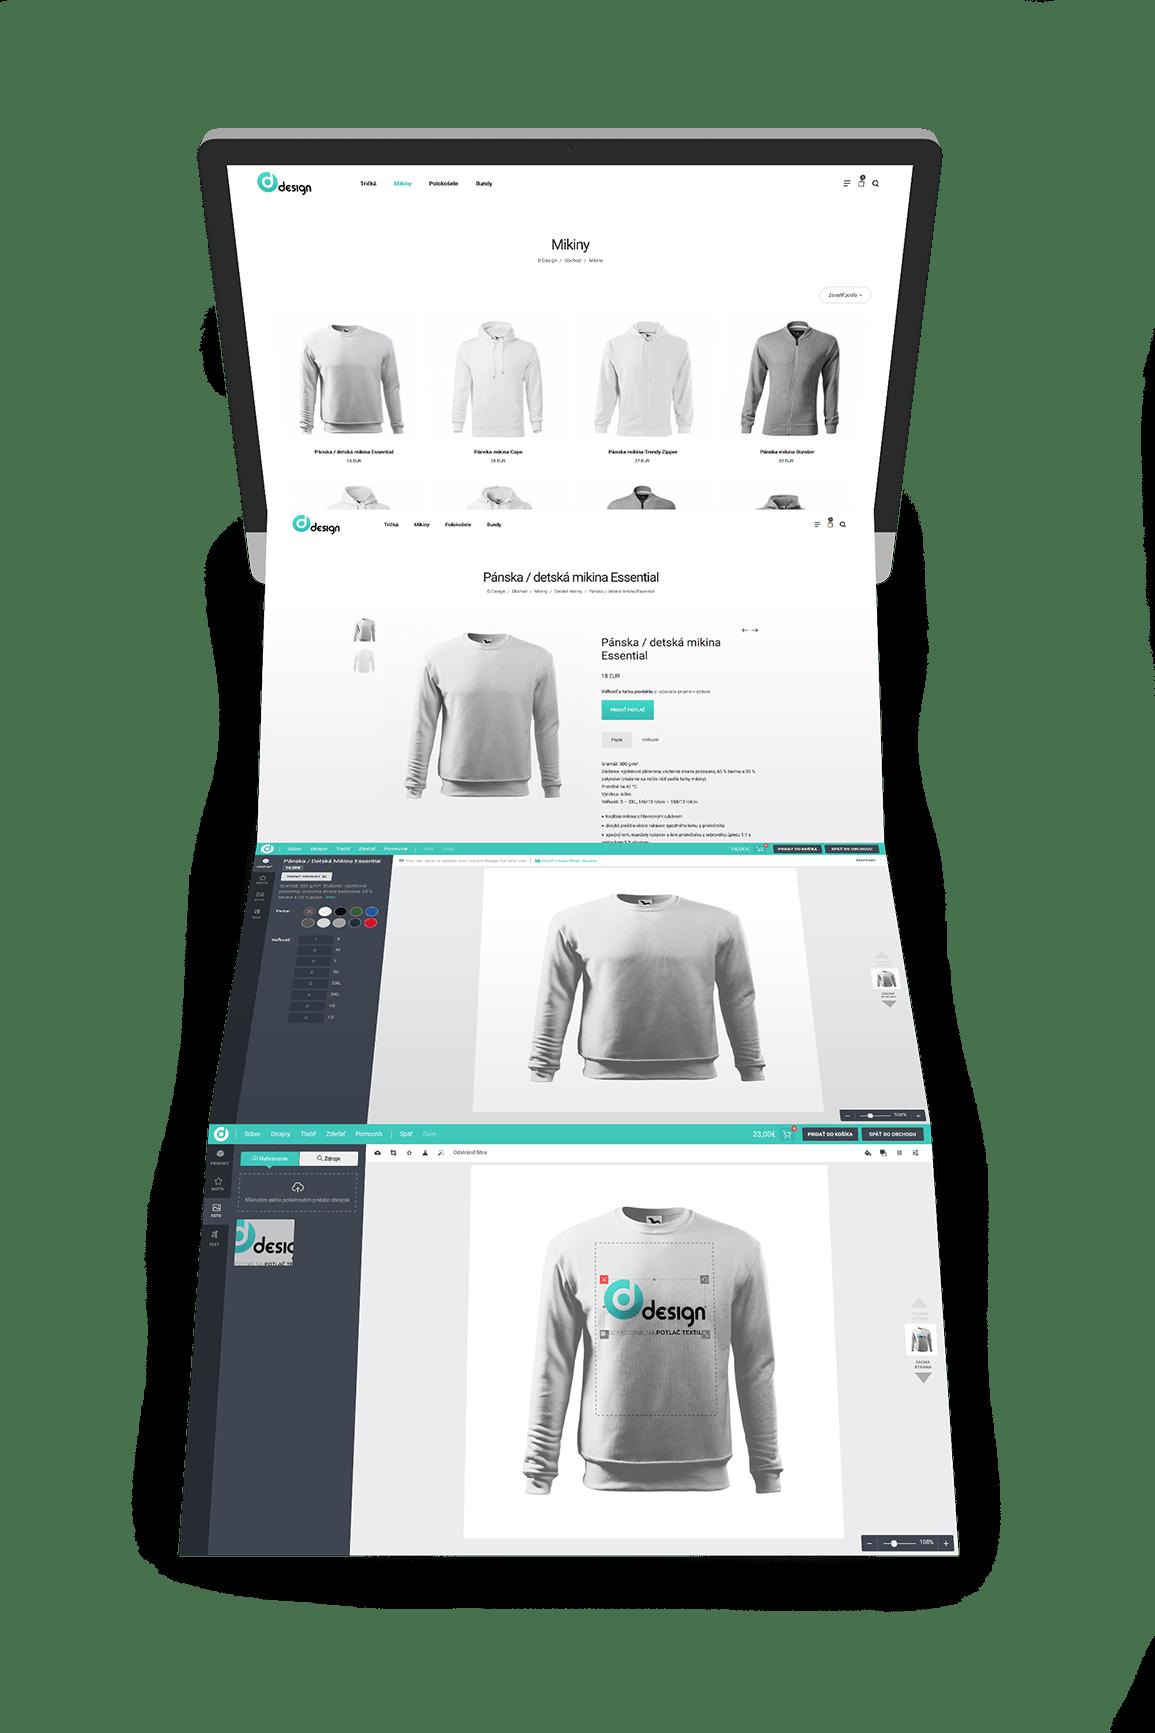 Náhľad internetového obchodu ddesign.sk s editorom potlače na textil